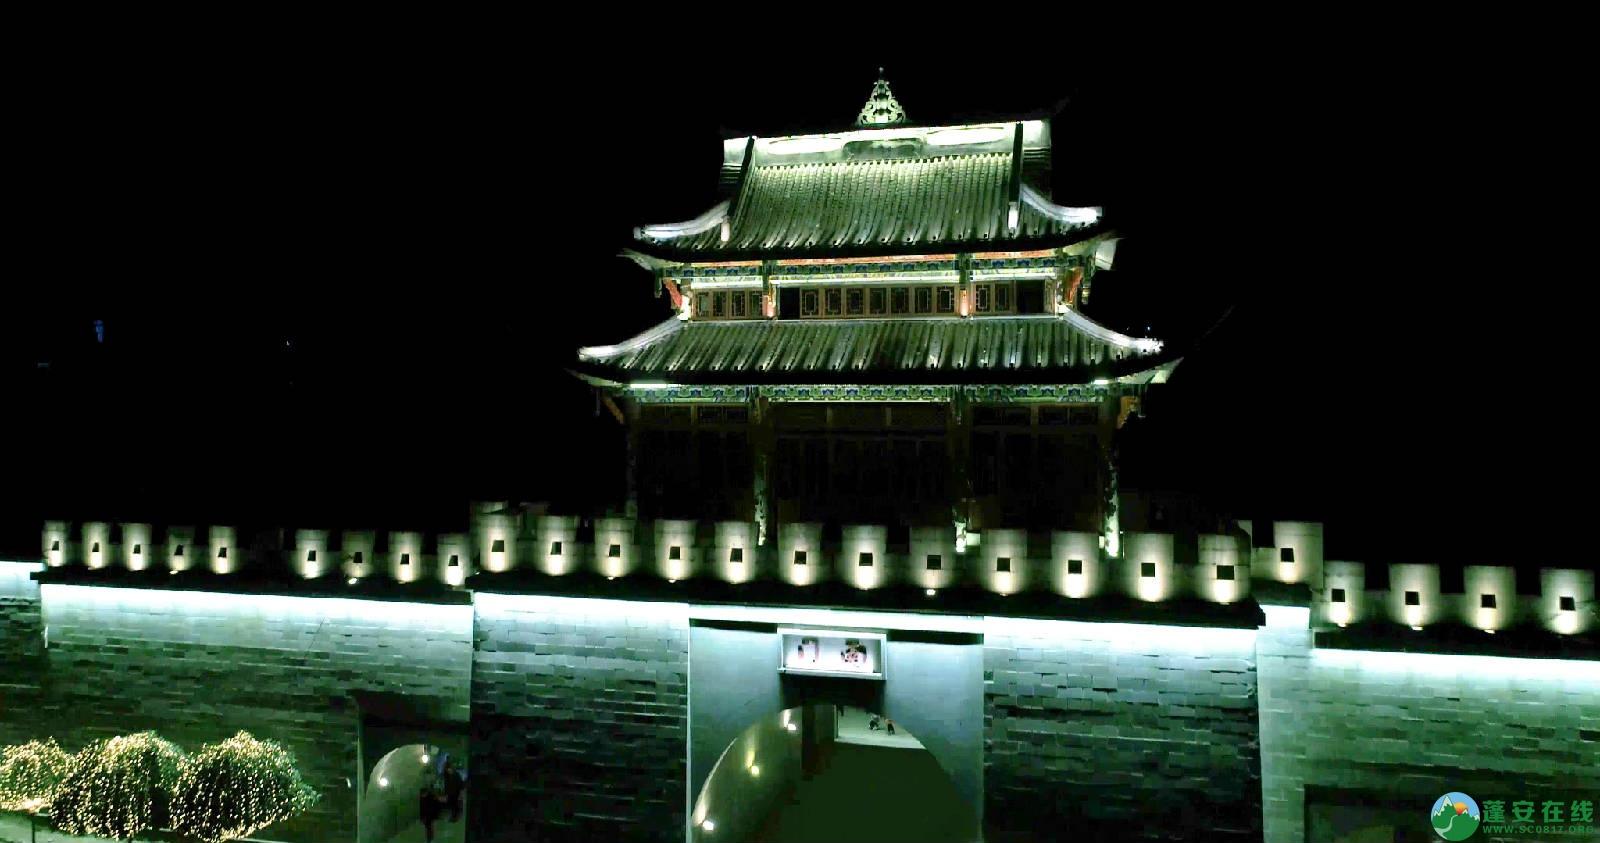 临近春节的蓬安夜色 - 第3张  | 蓬安在线